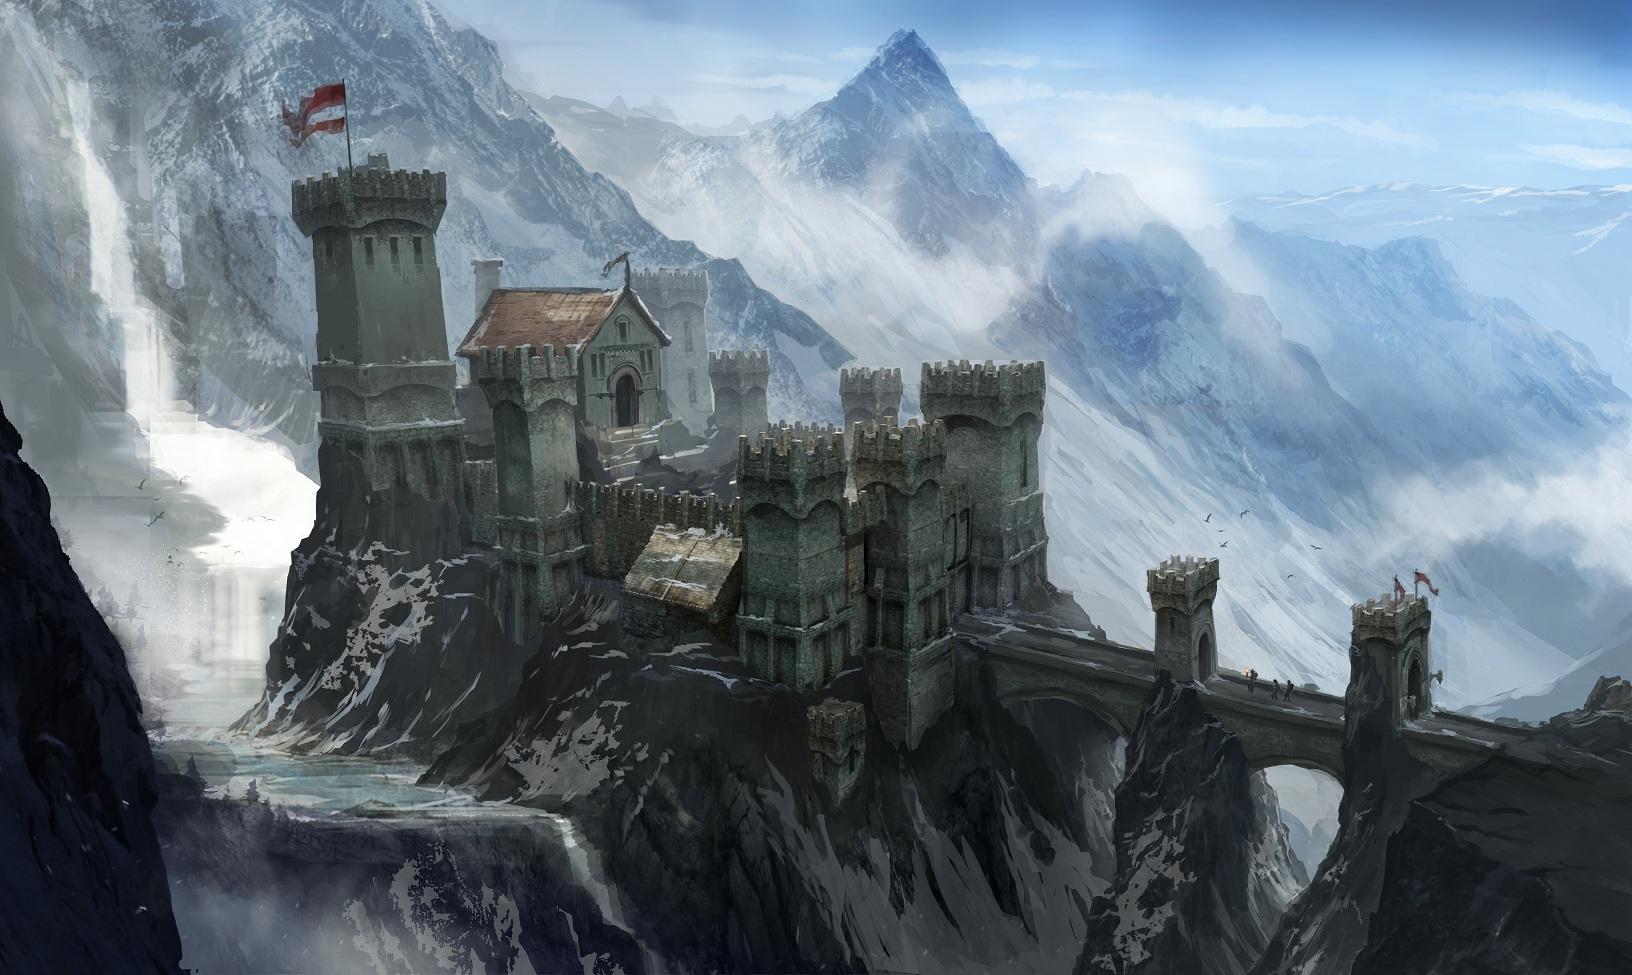 Perhaps the controllable castle?